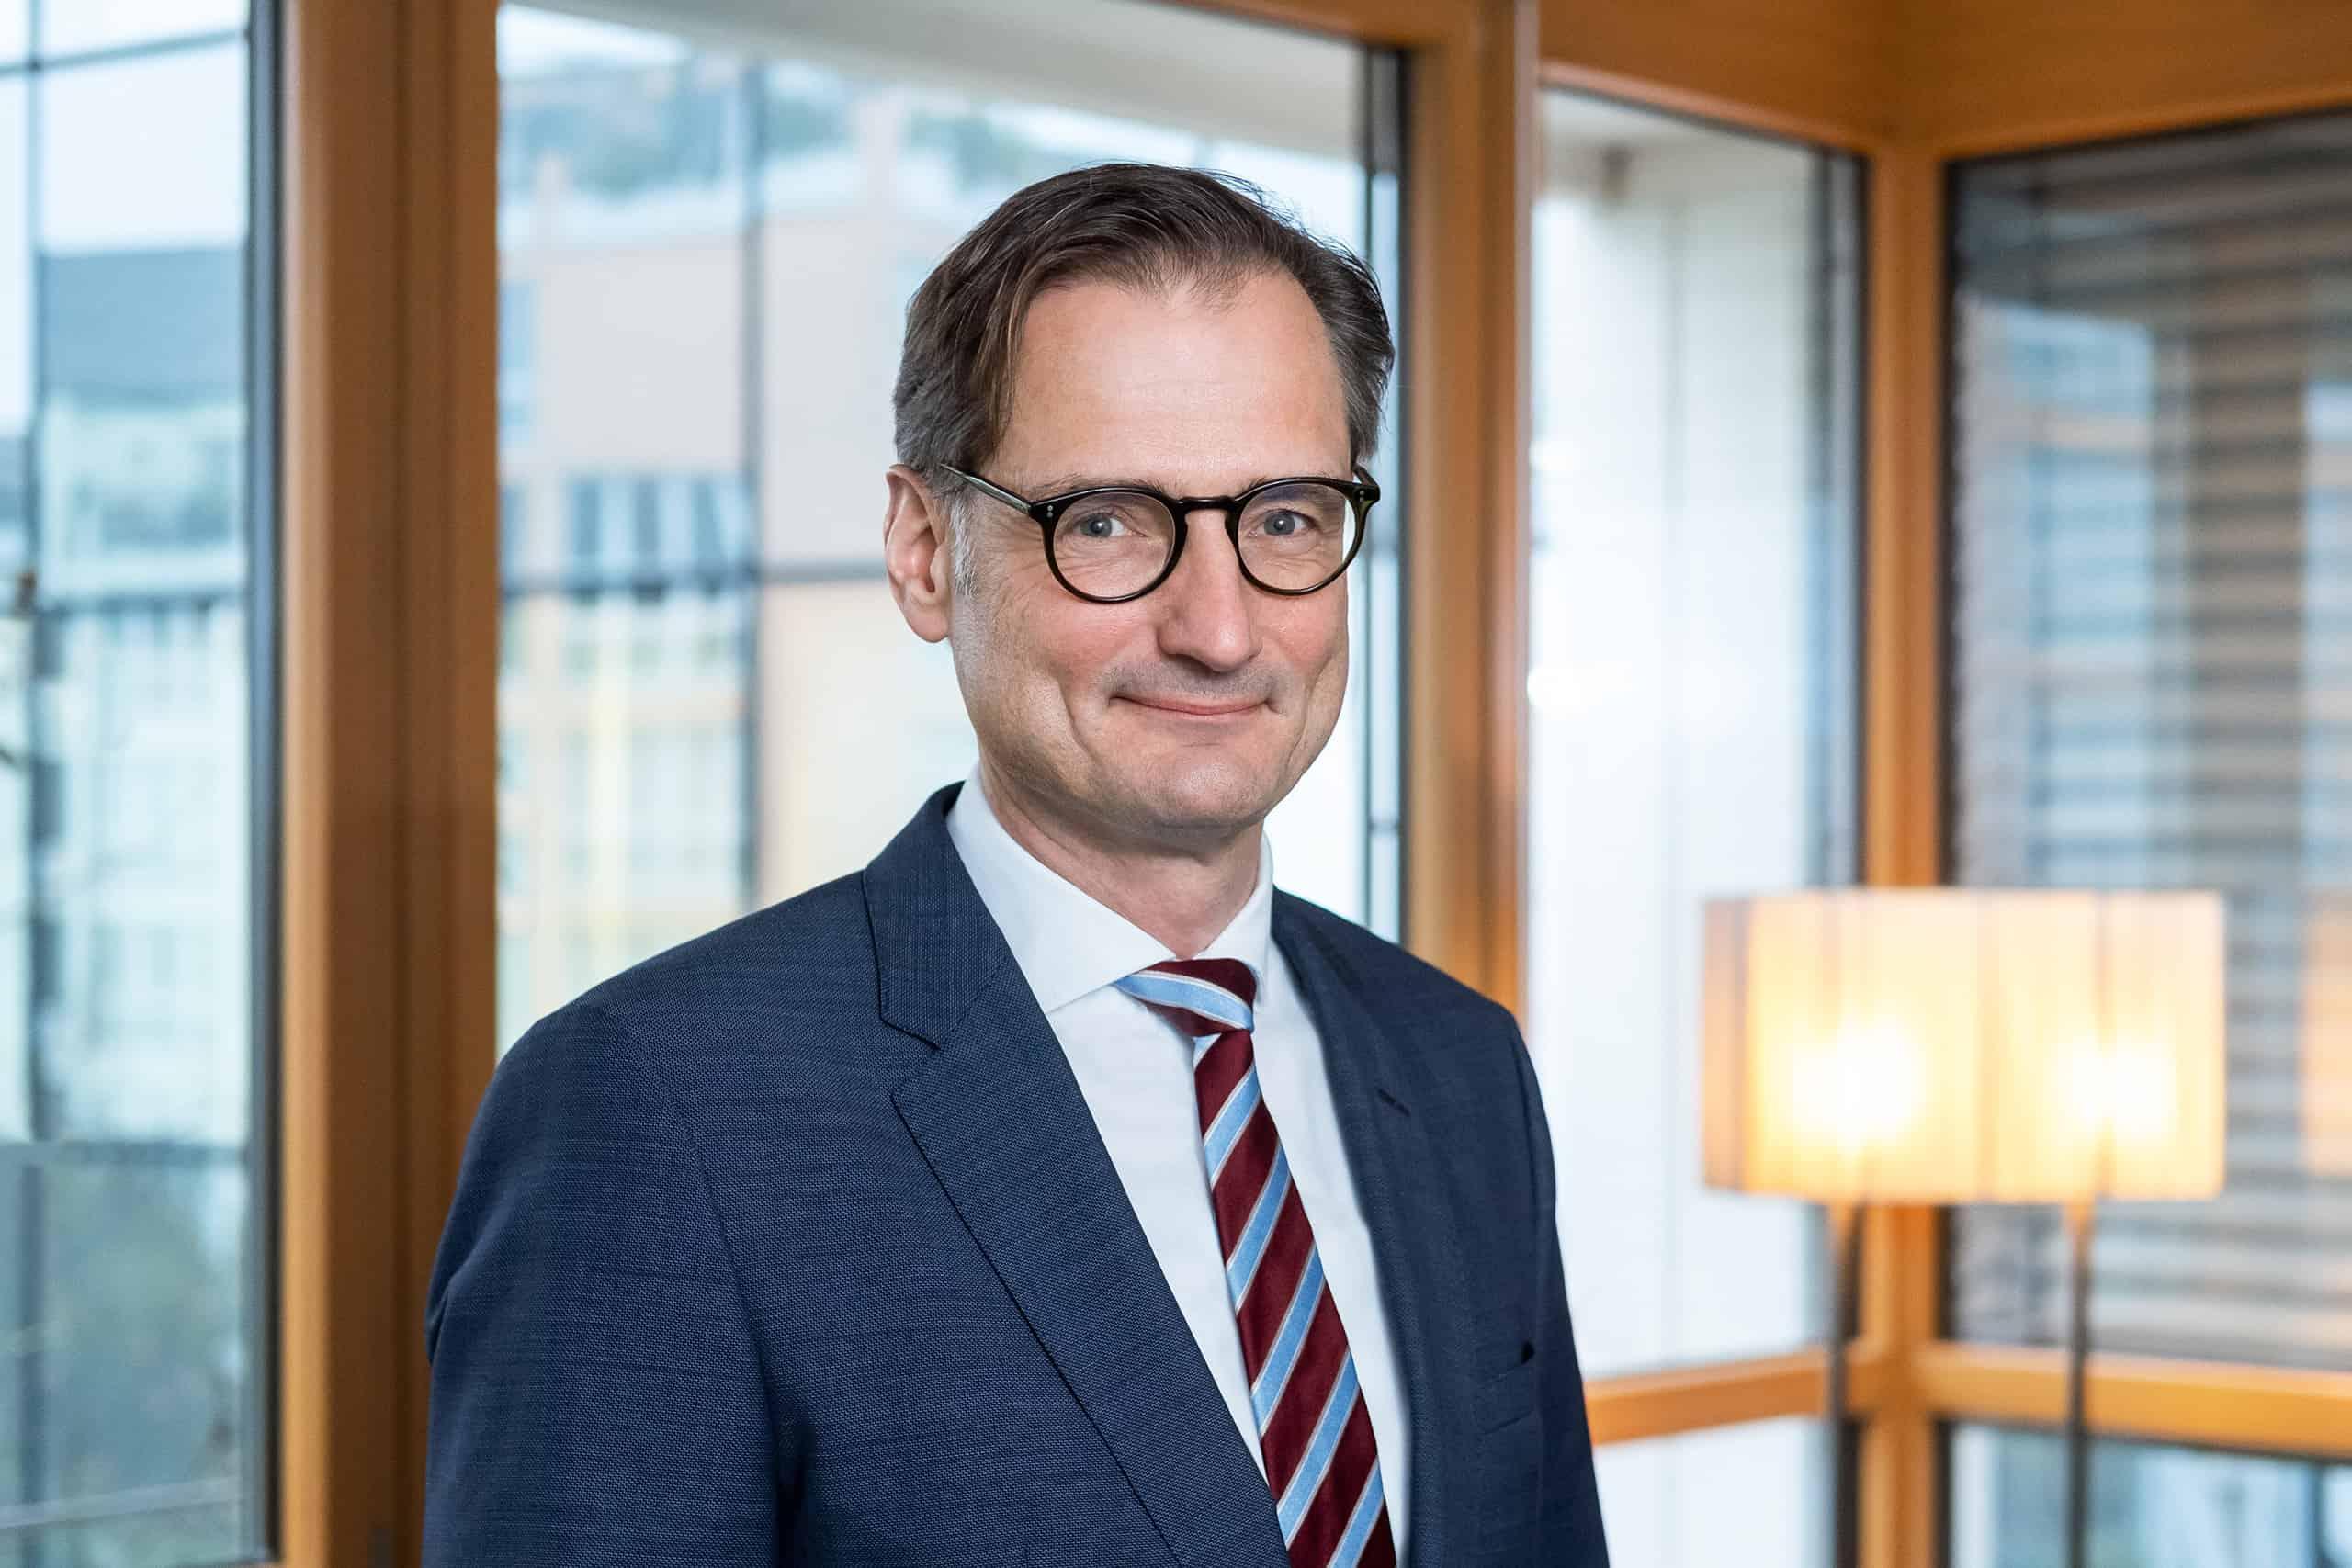 Jürgen Bödiger